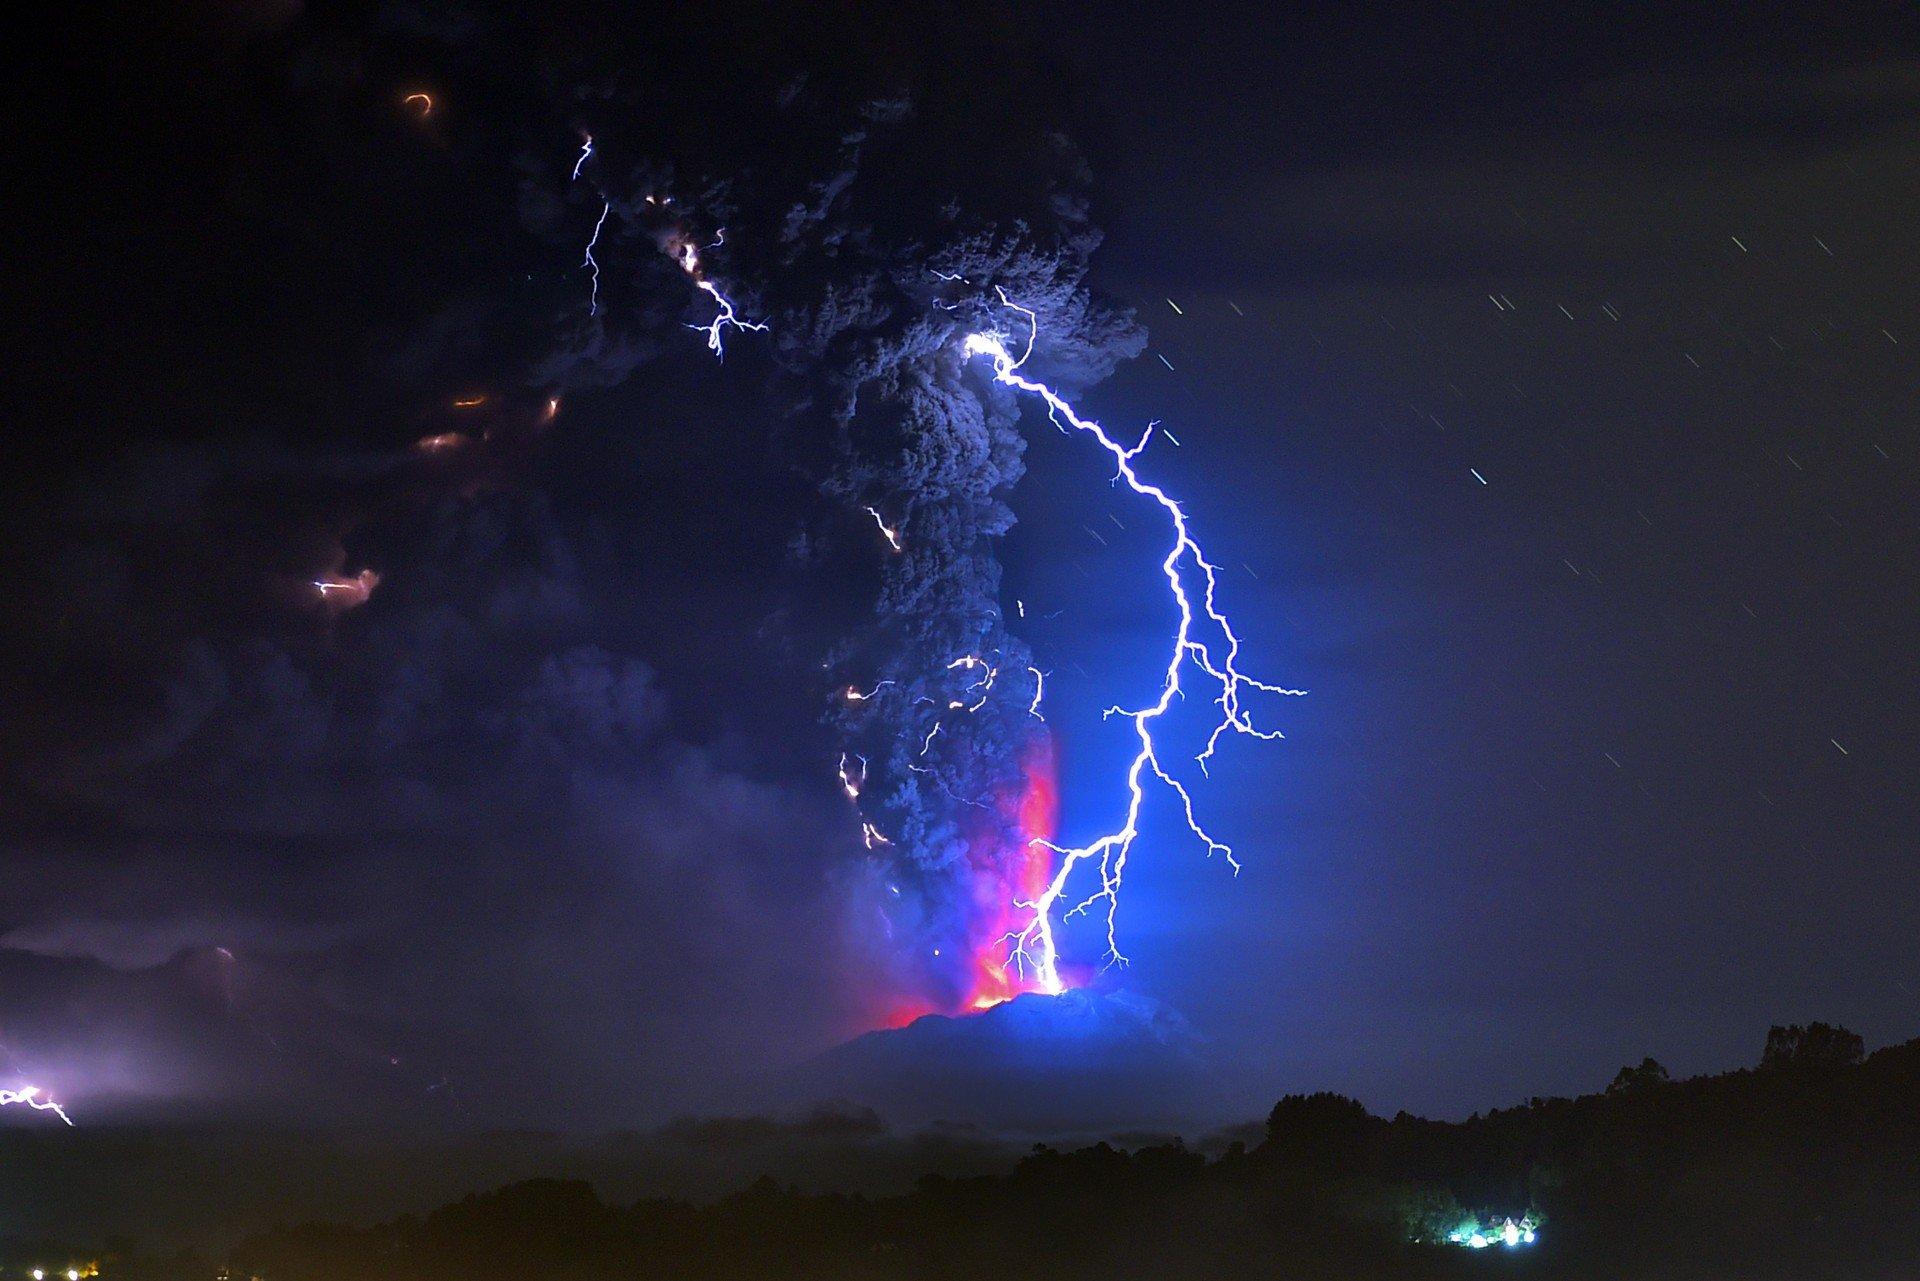 Os 10 melhores fenômenos científicos gravados em vídeo thumbnail